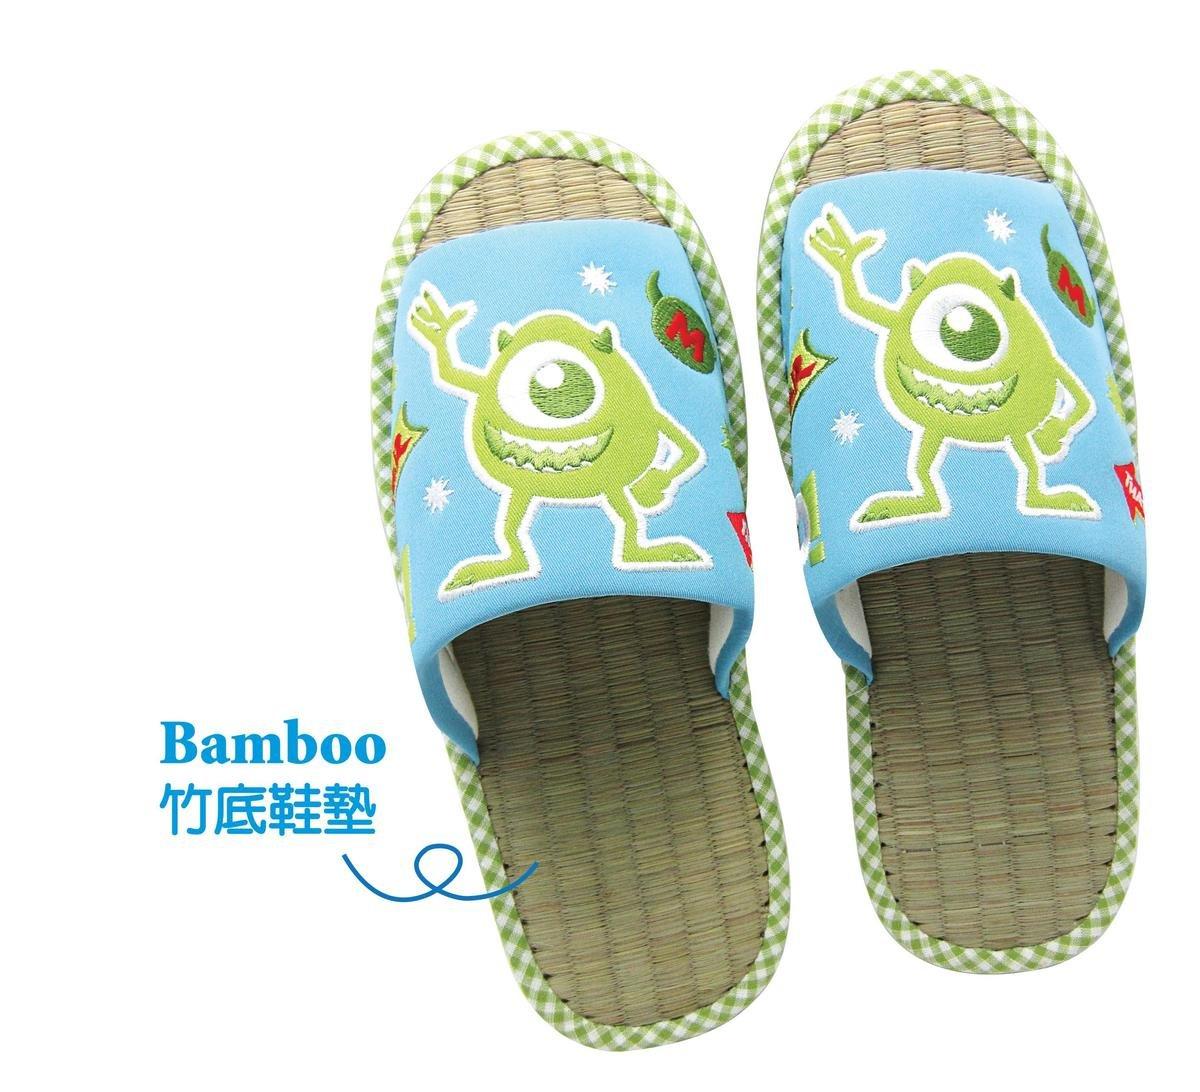 竹墊拖鞋 (大眼仔)